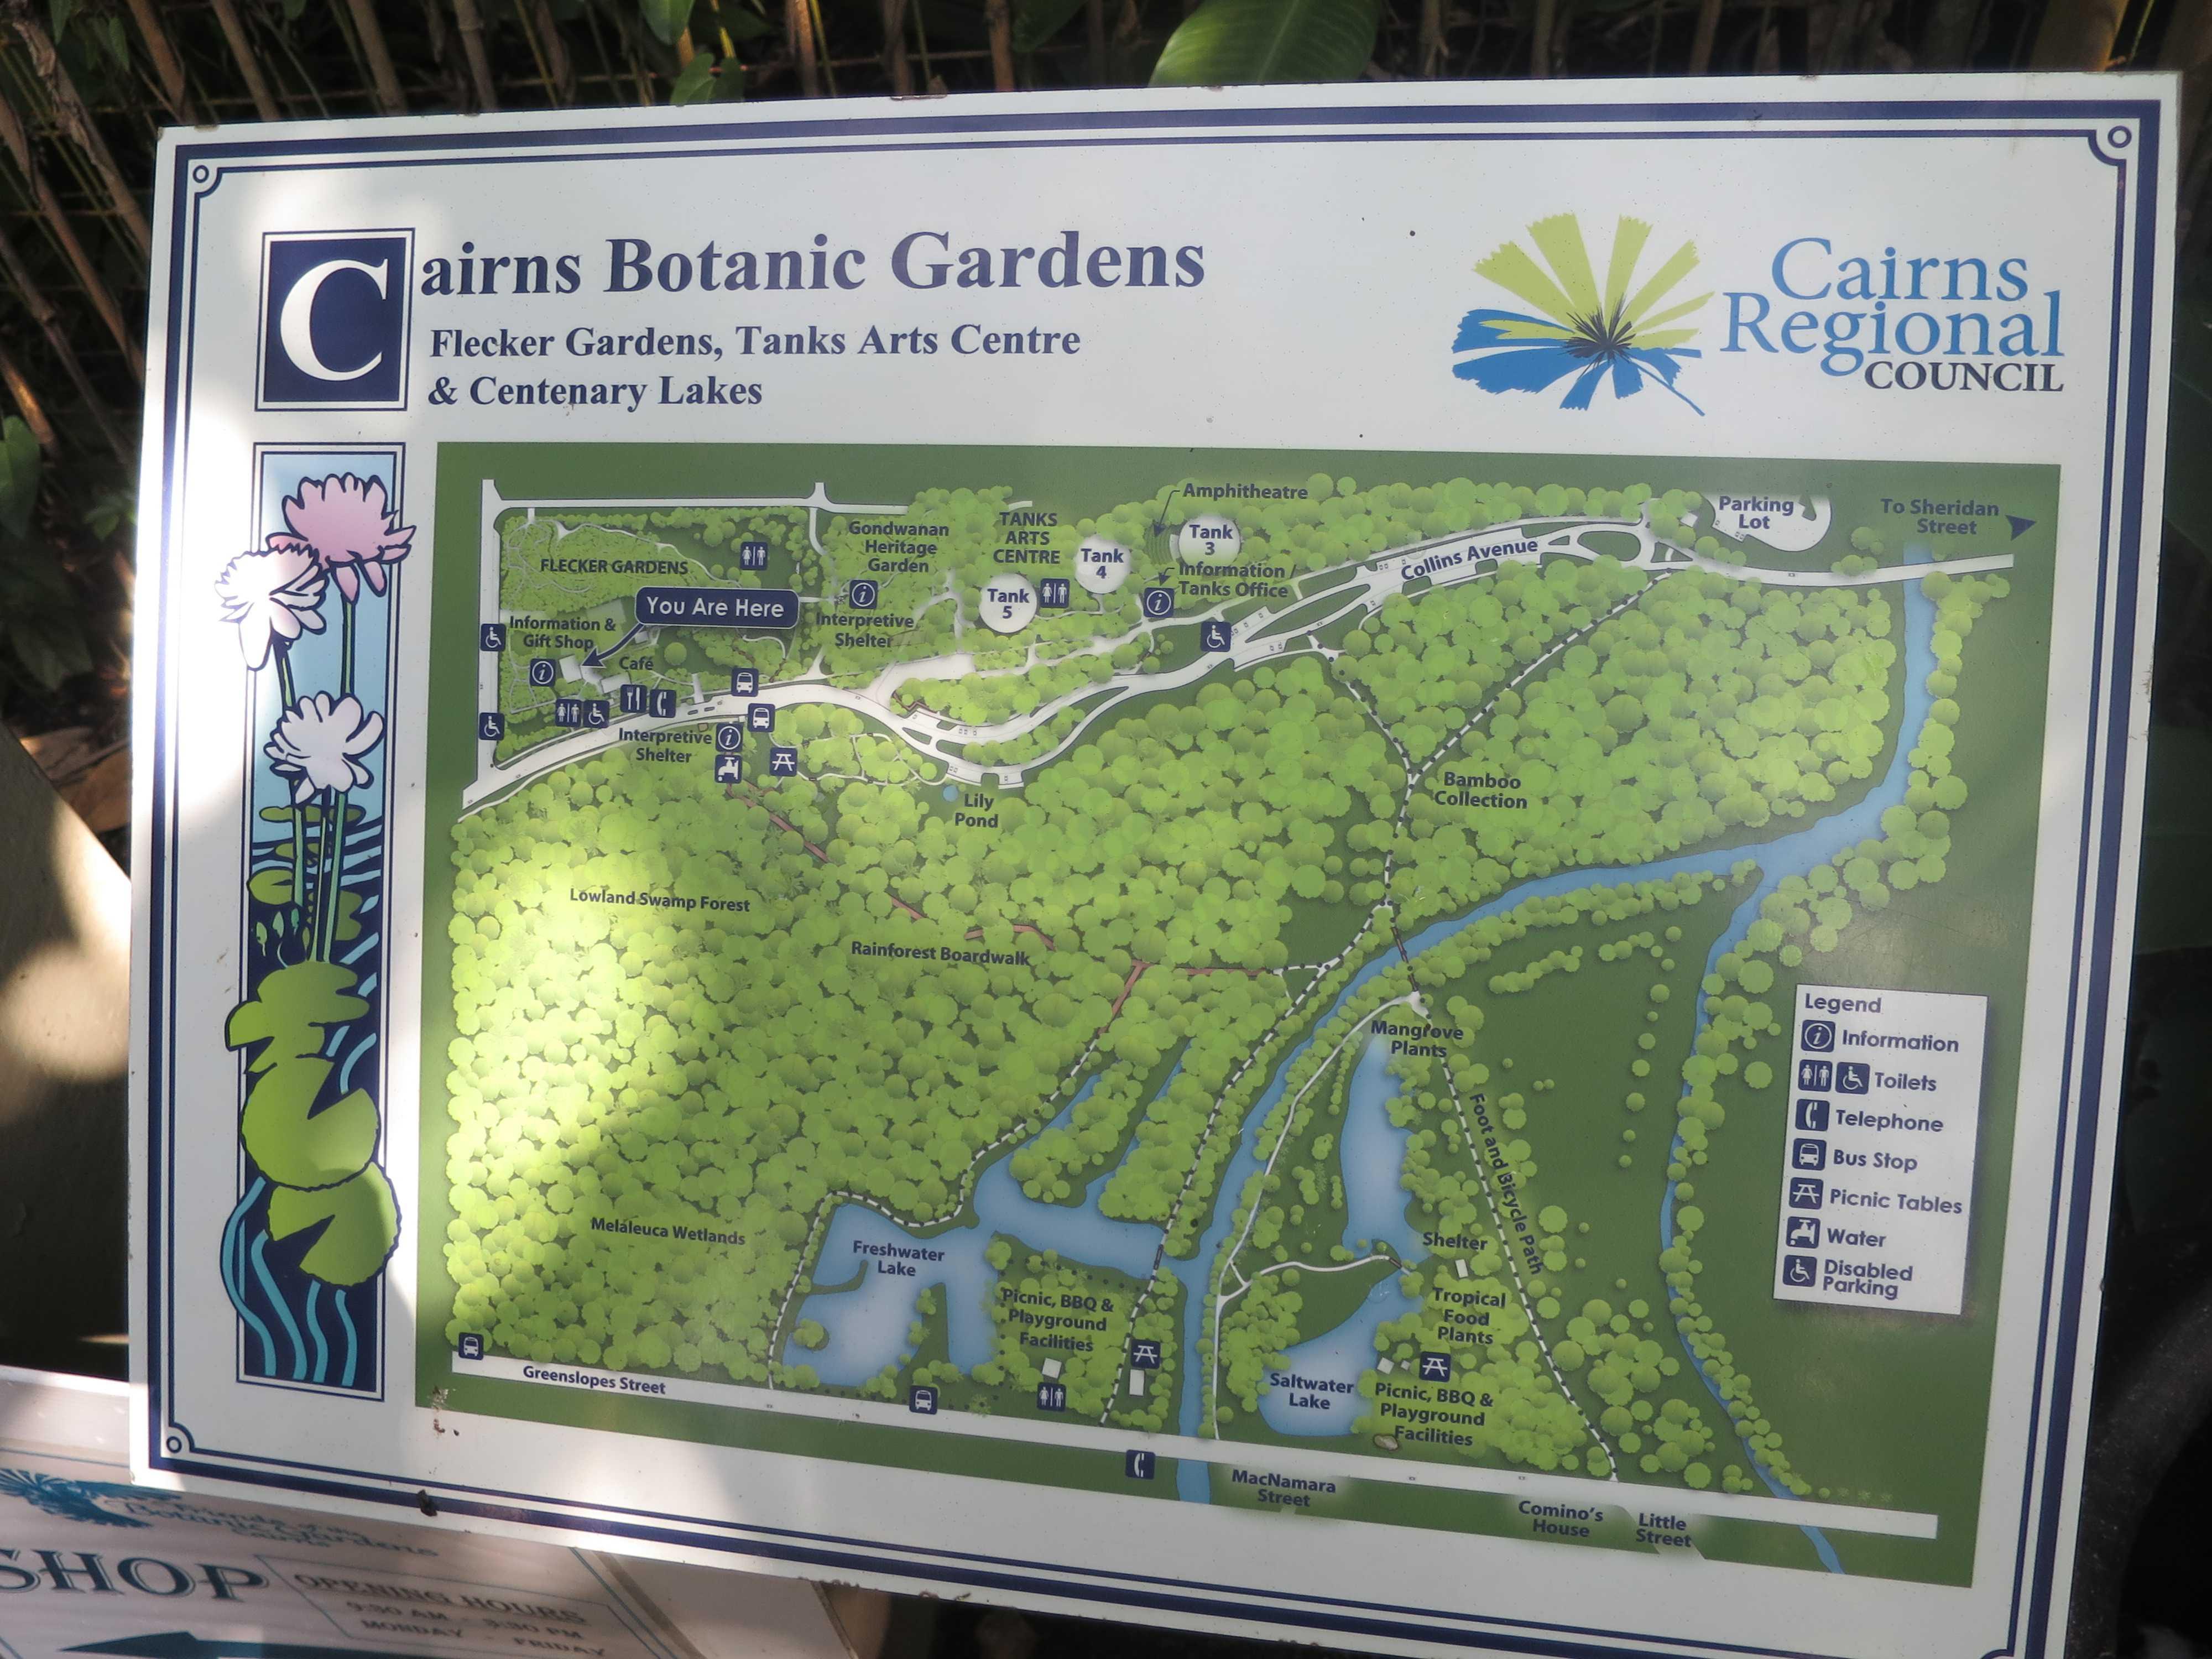 ケアンズ・ボタニック・ガーデンの園内図